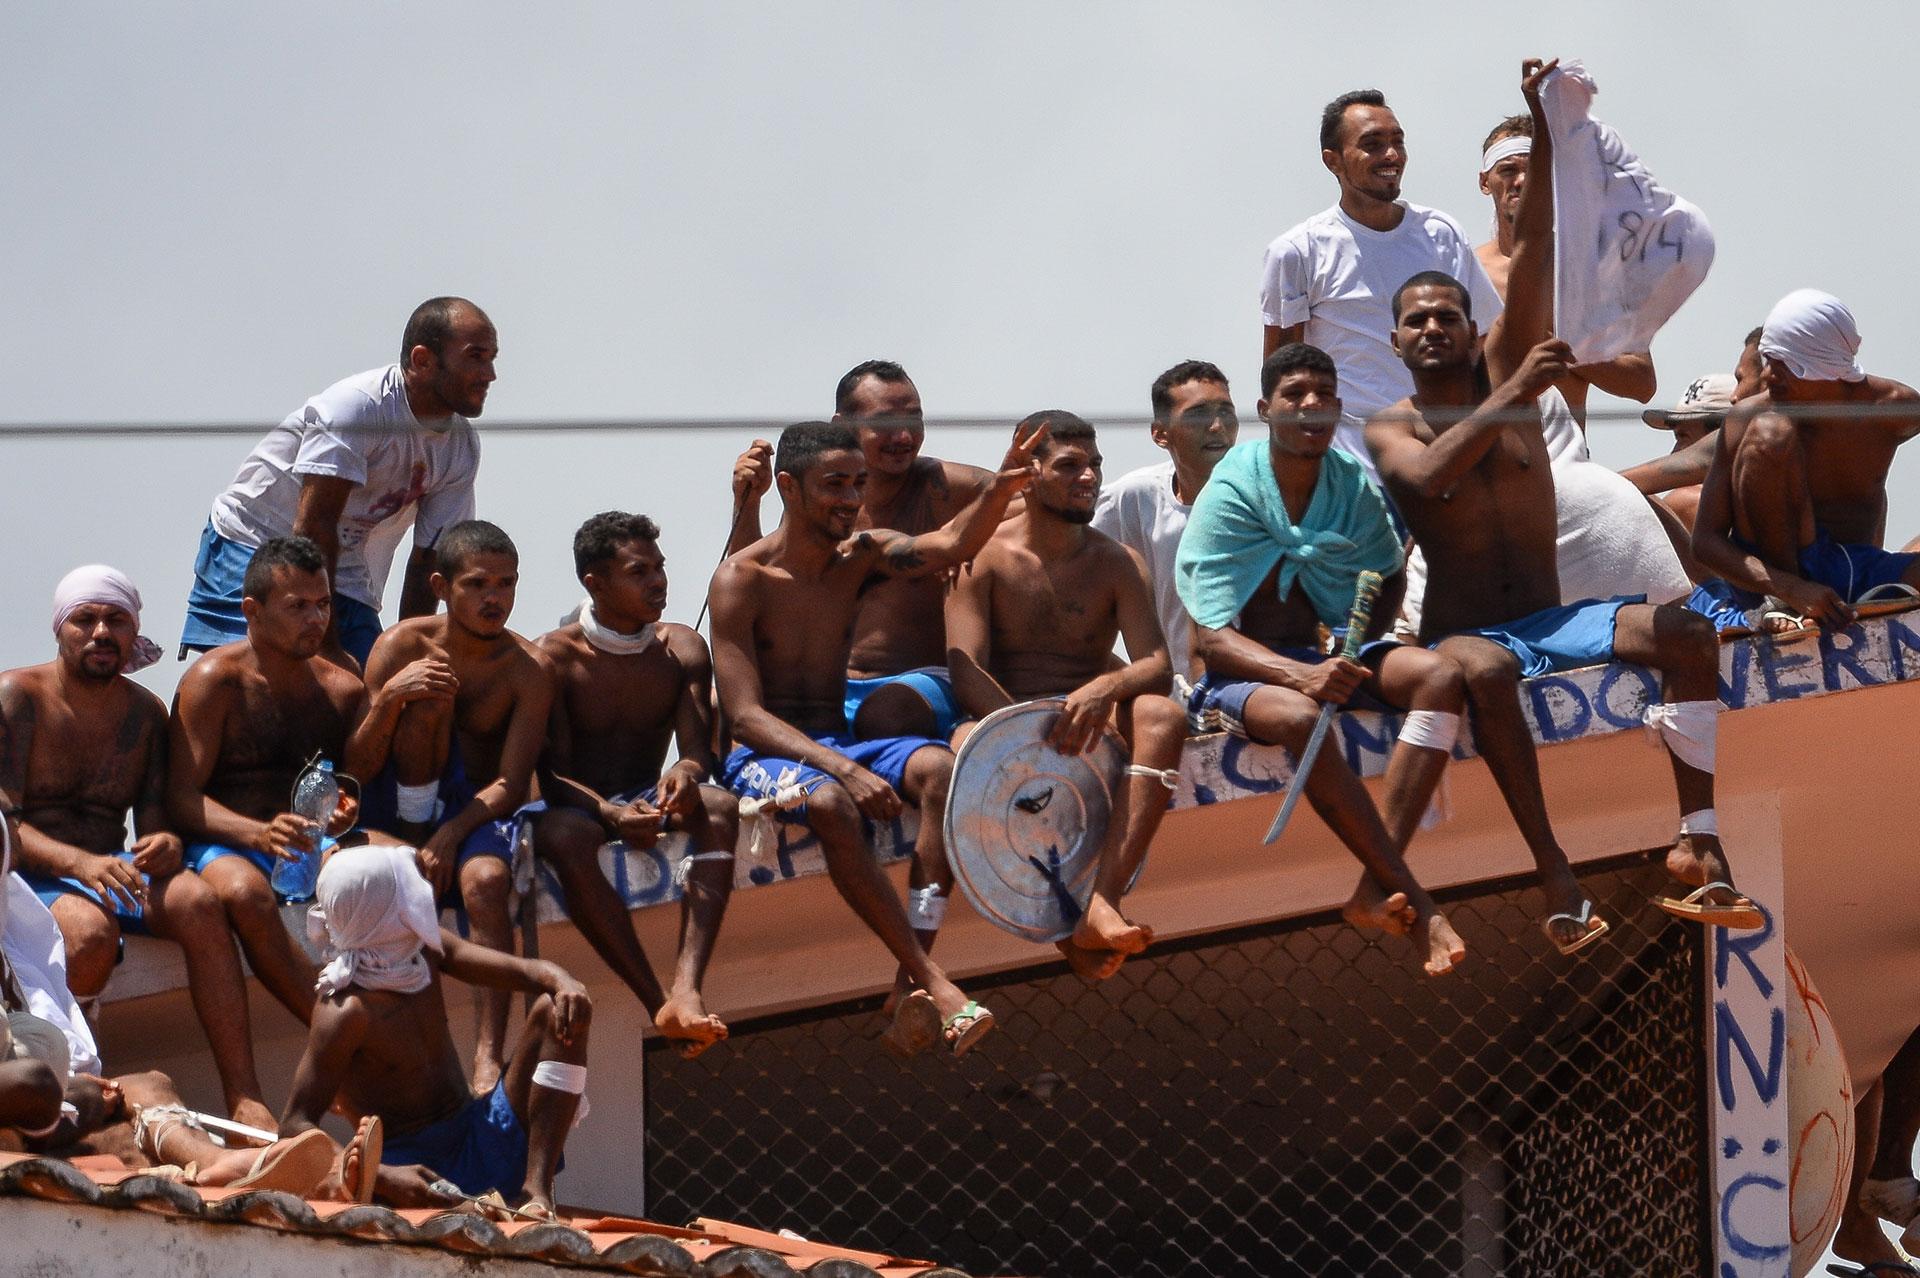 ACERCA DE LAS RECIENTES MASACRES EN PRISIONES BRASILEÑAS